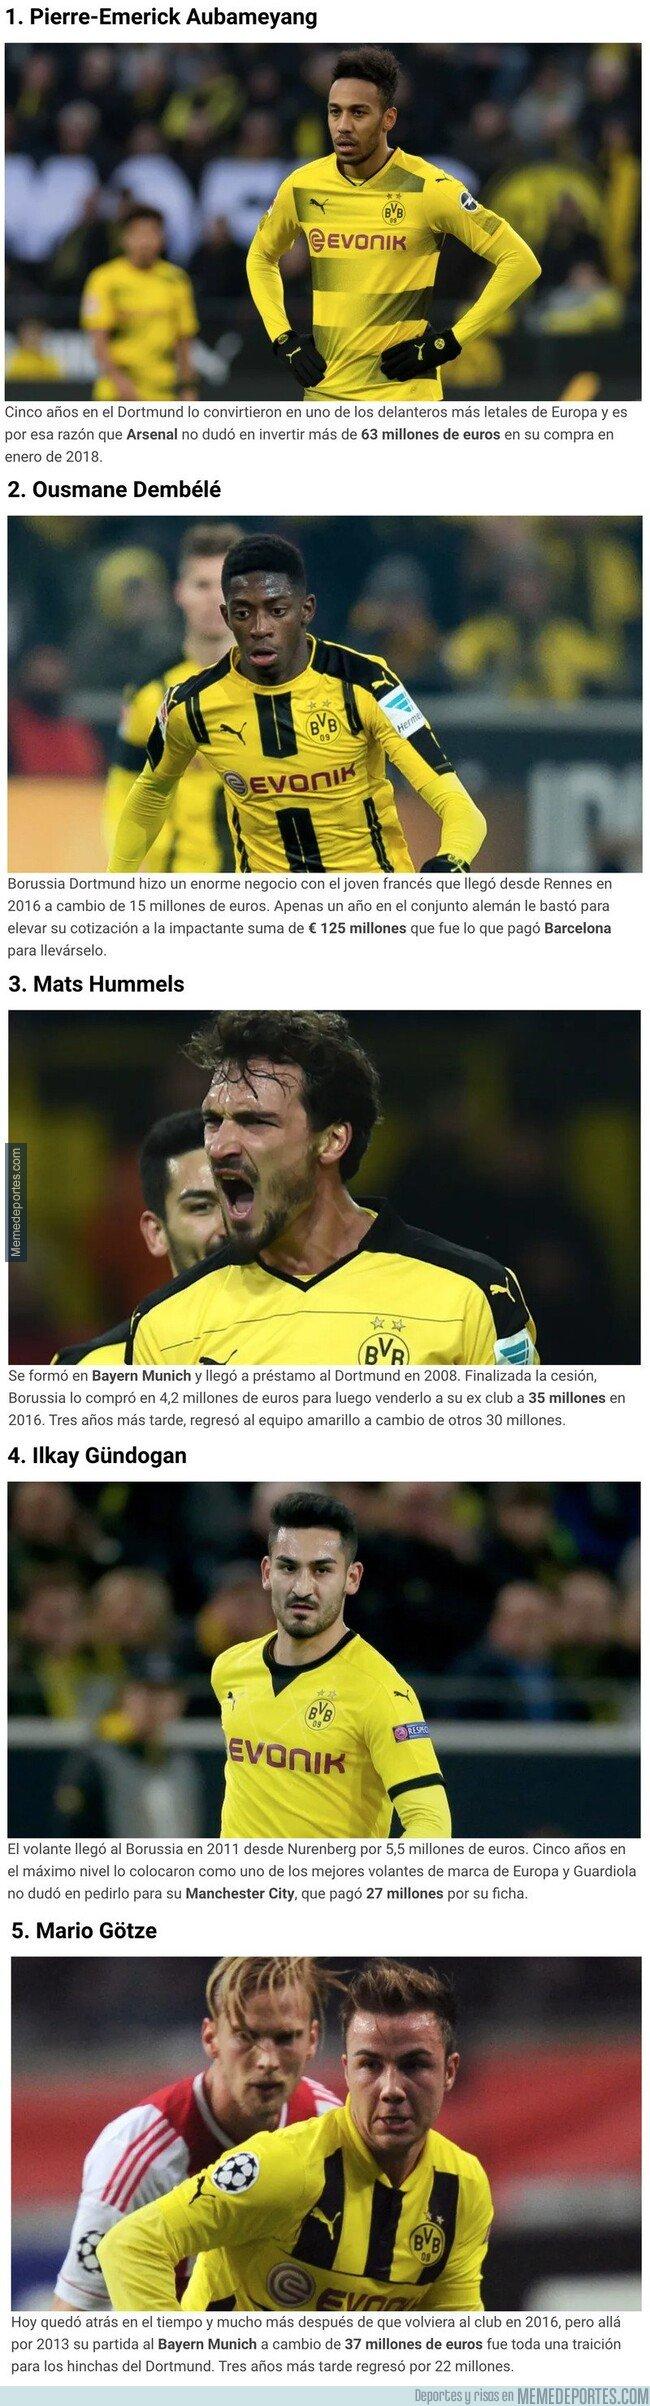 1096818 - Los mejores 5 jugadores que vendió el Borussia Dortmund en los últimos 10 años